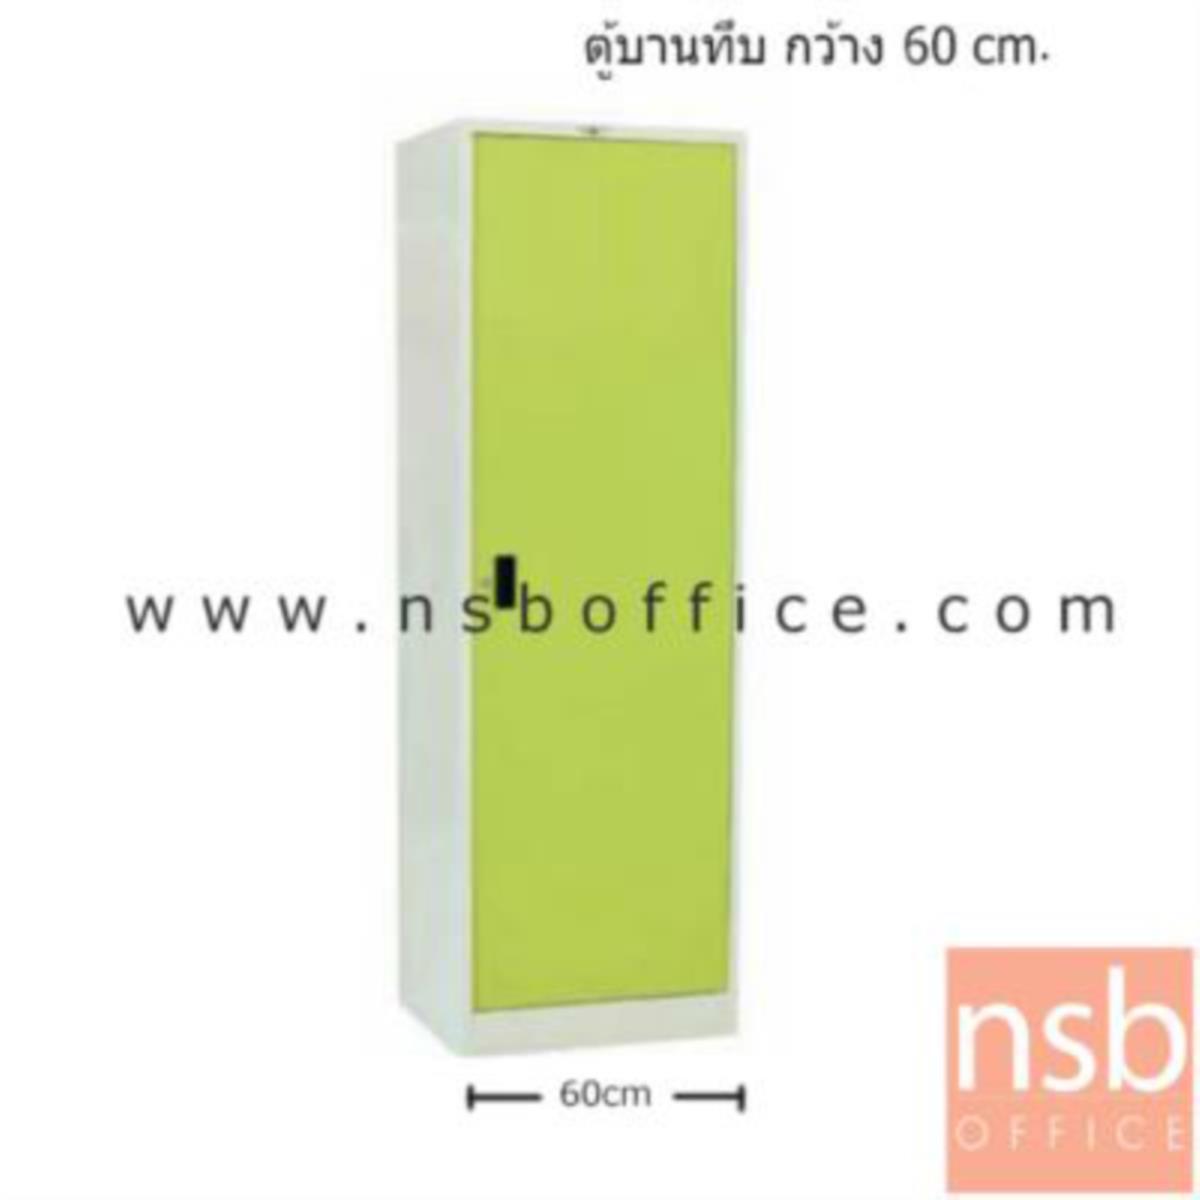 ตู้เหล็กบานเปิดทึบ รุ่น Grohl (โกรล) ขนาด 60W*183H cm. ปรับระดับแผ่นชั้นได้